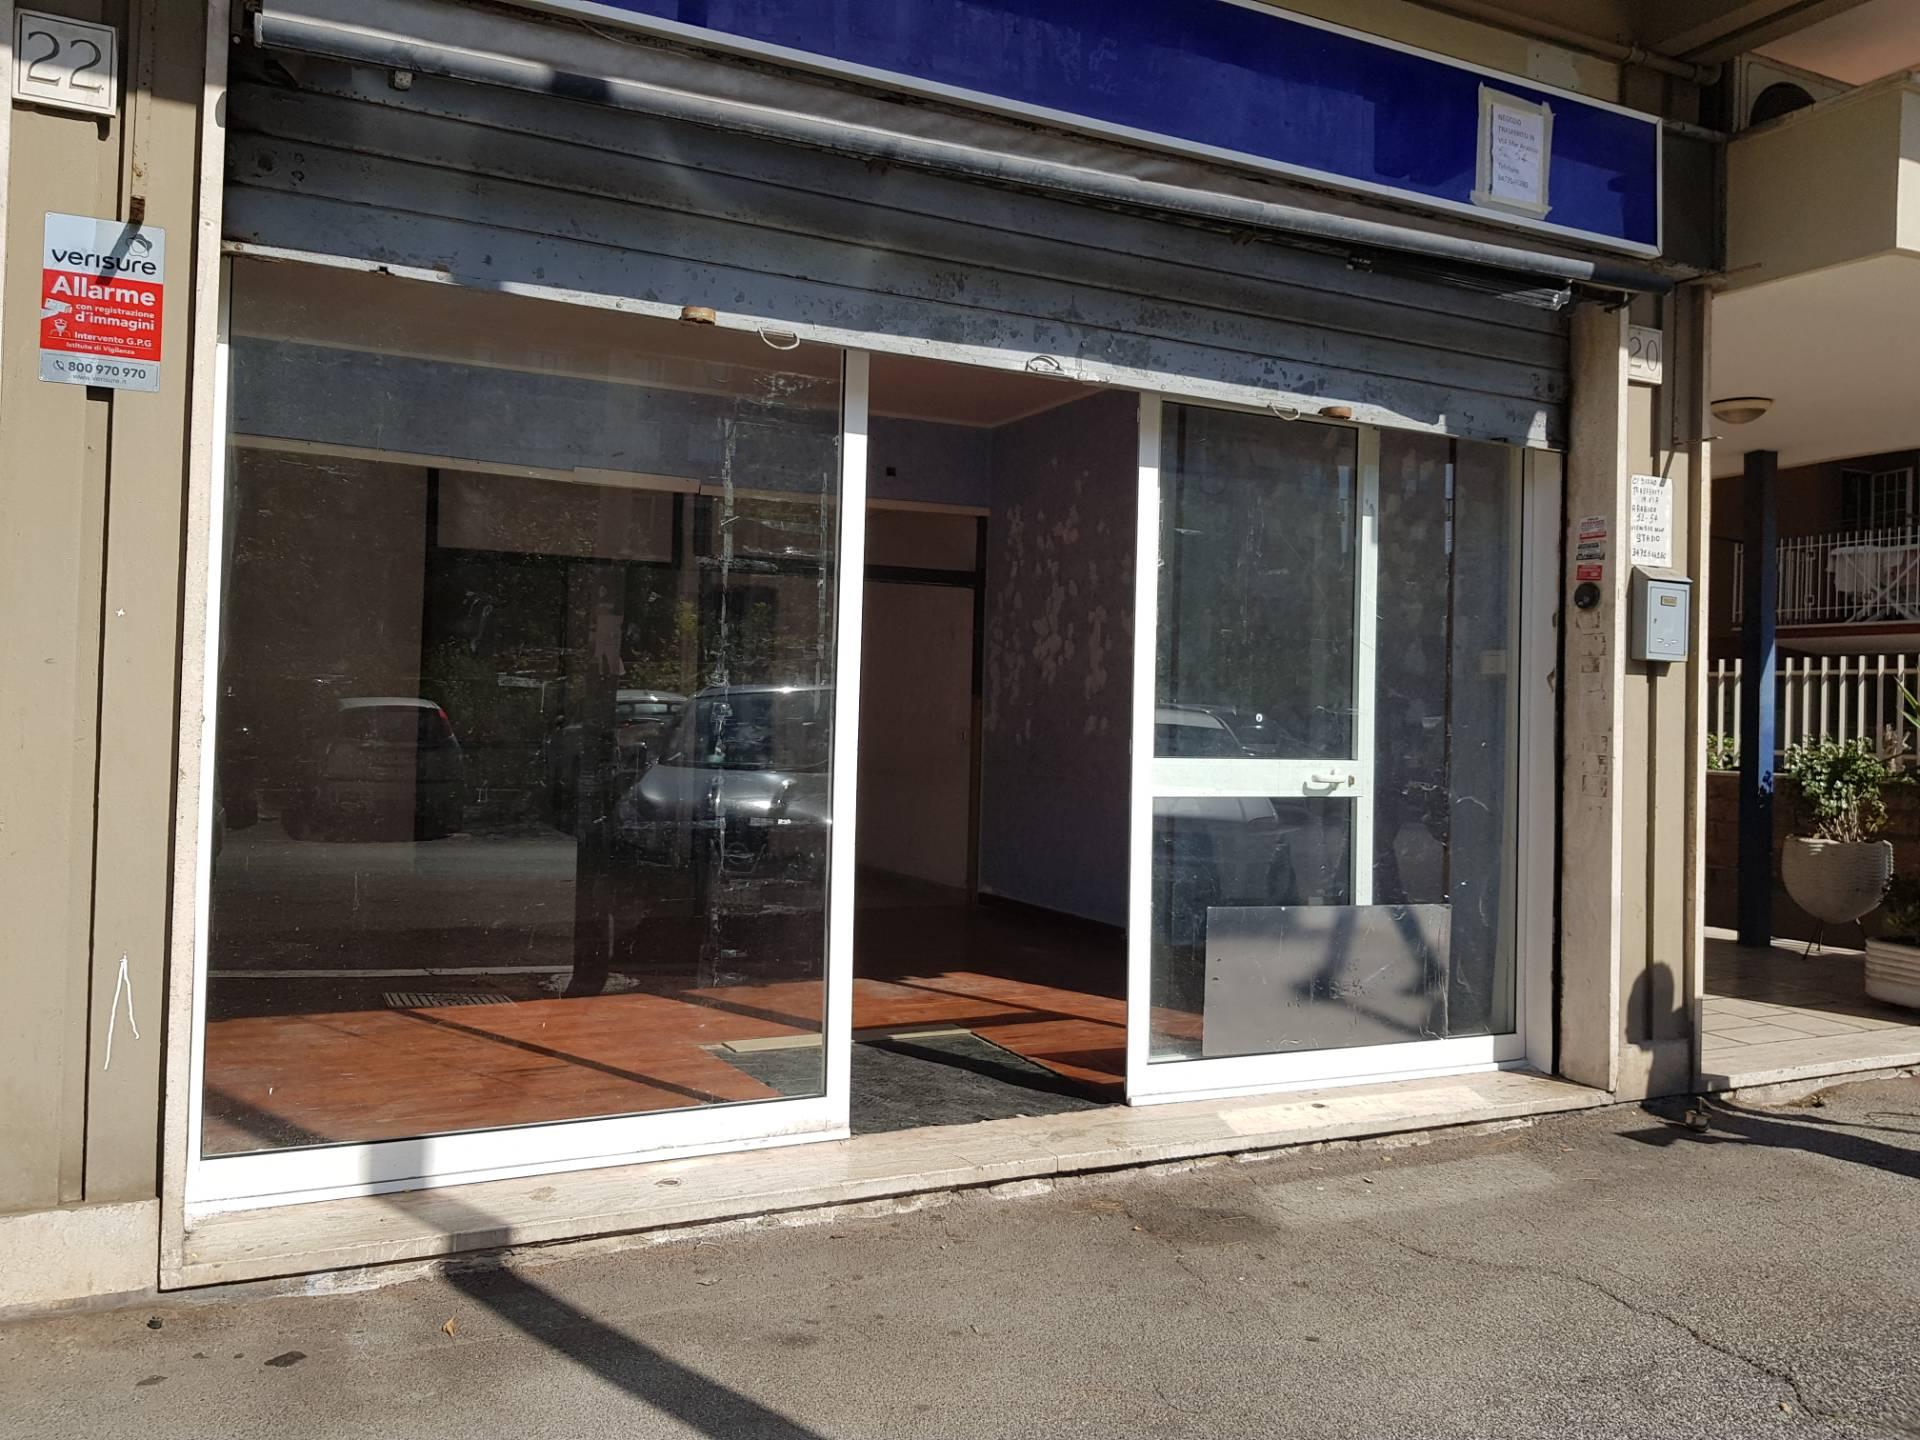 Locale commerciale in affitto a roma cod al c for Affitto roma locale